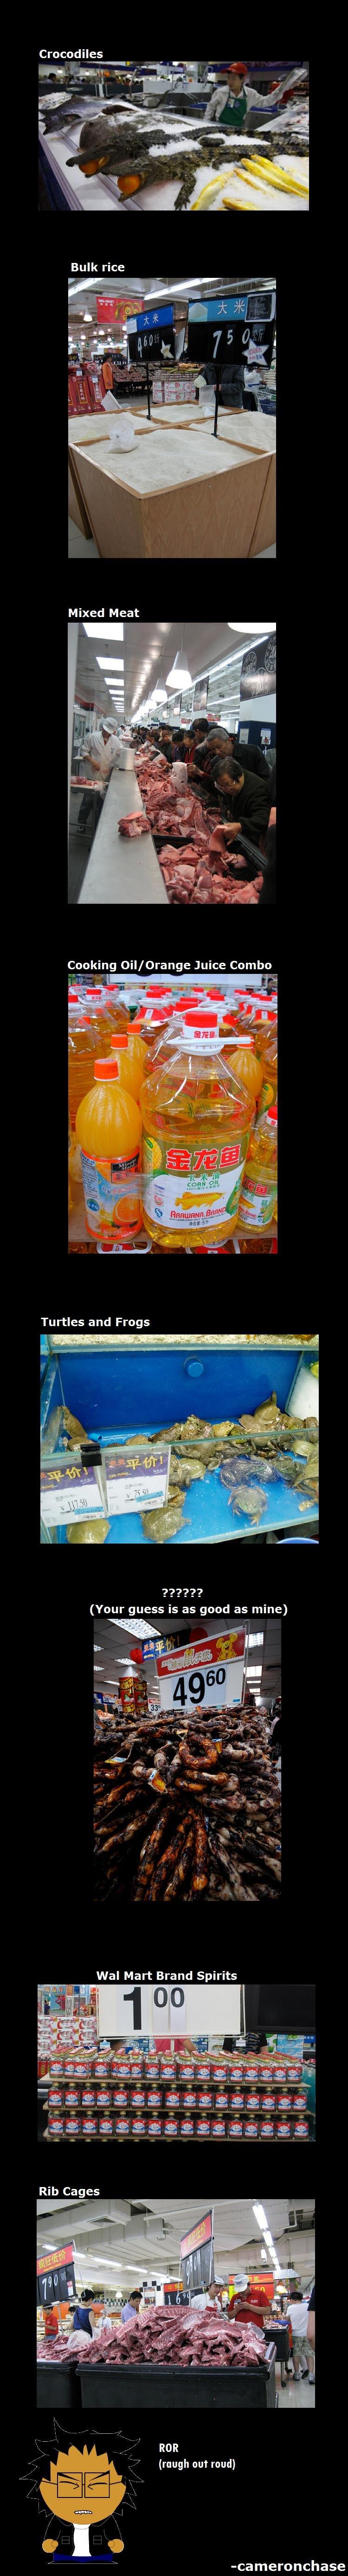 8 Things only at Japan Walmarts. Part 2- /funny_pictures/451852/8+MOAR+Things+... /> Tips and Tricks! /funny_pictures/450222/Funnyjunk+101/. Crocodiles Mixed Japan walmarts lol